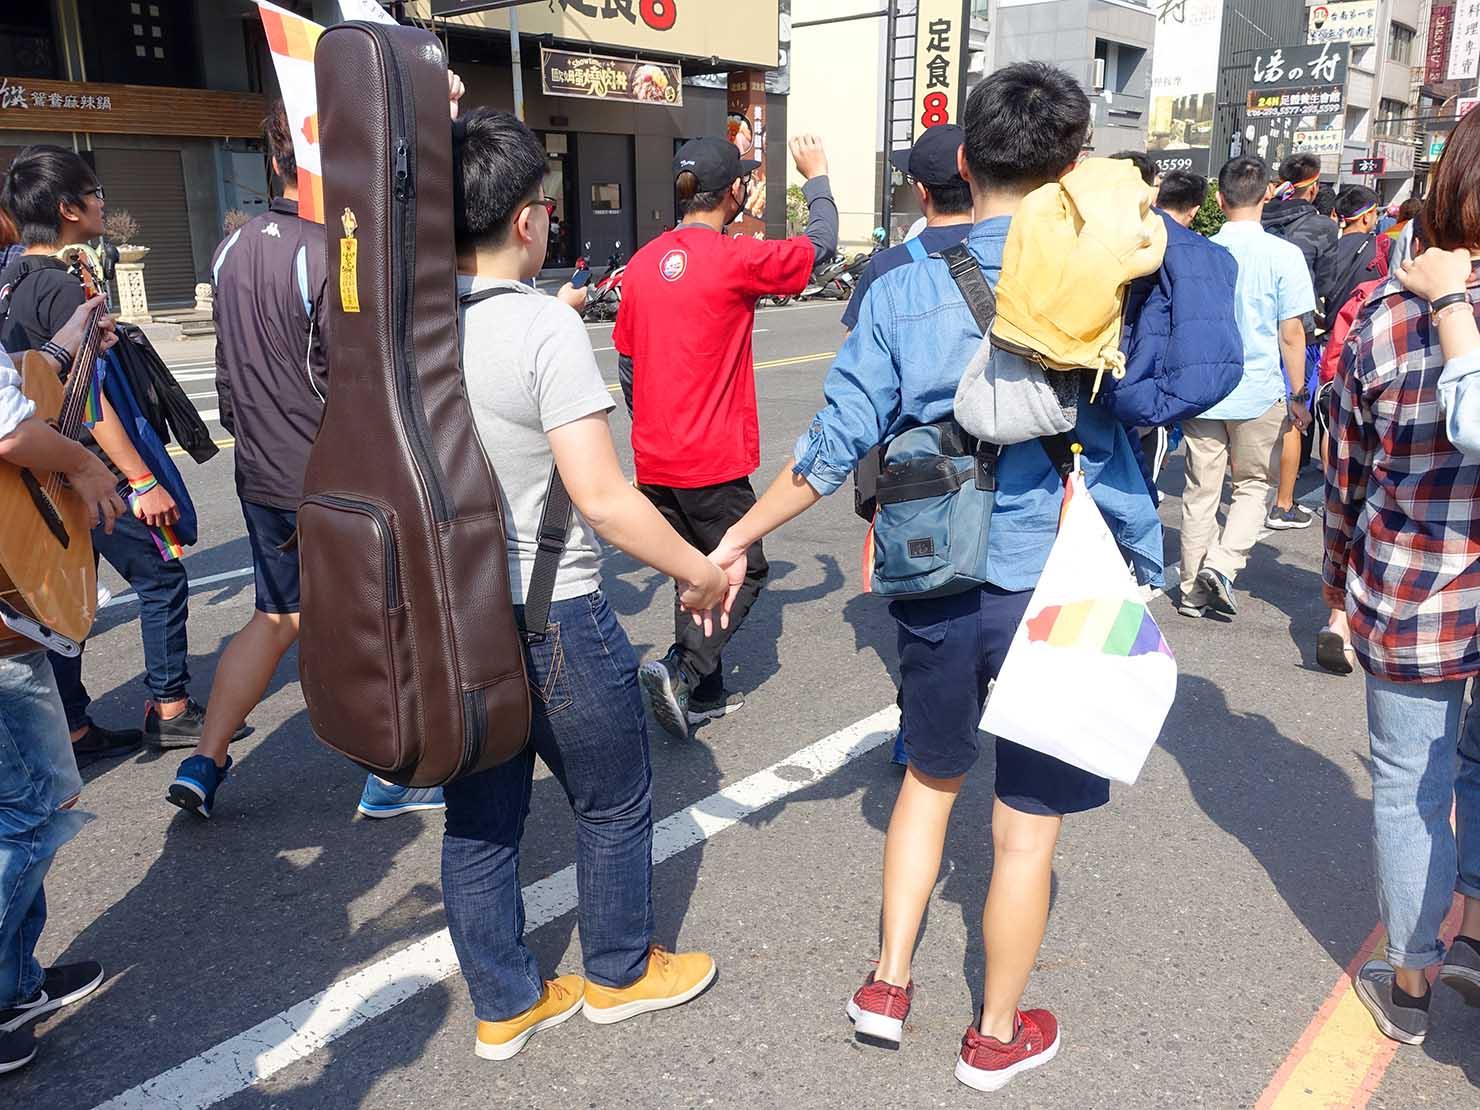 2018年台湾最初のLGBTプライド「台南彩虹遊行(台南レインボーパレード)」で手を繋ぐレズビアンカップル